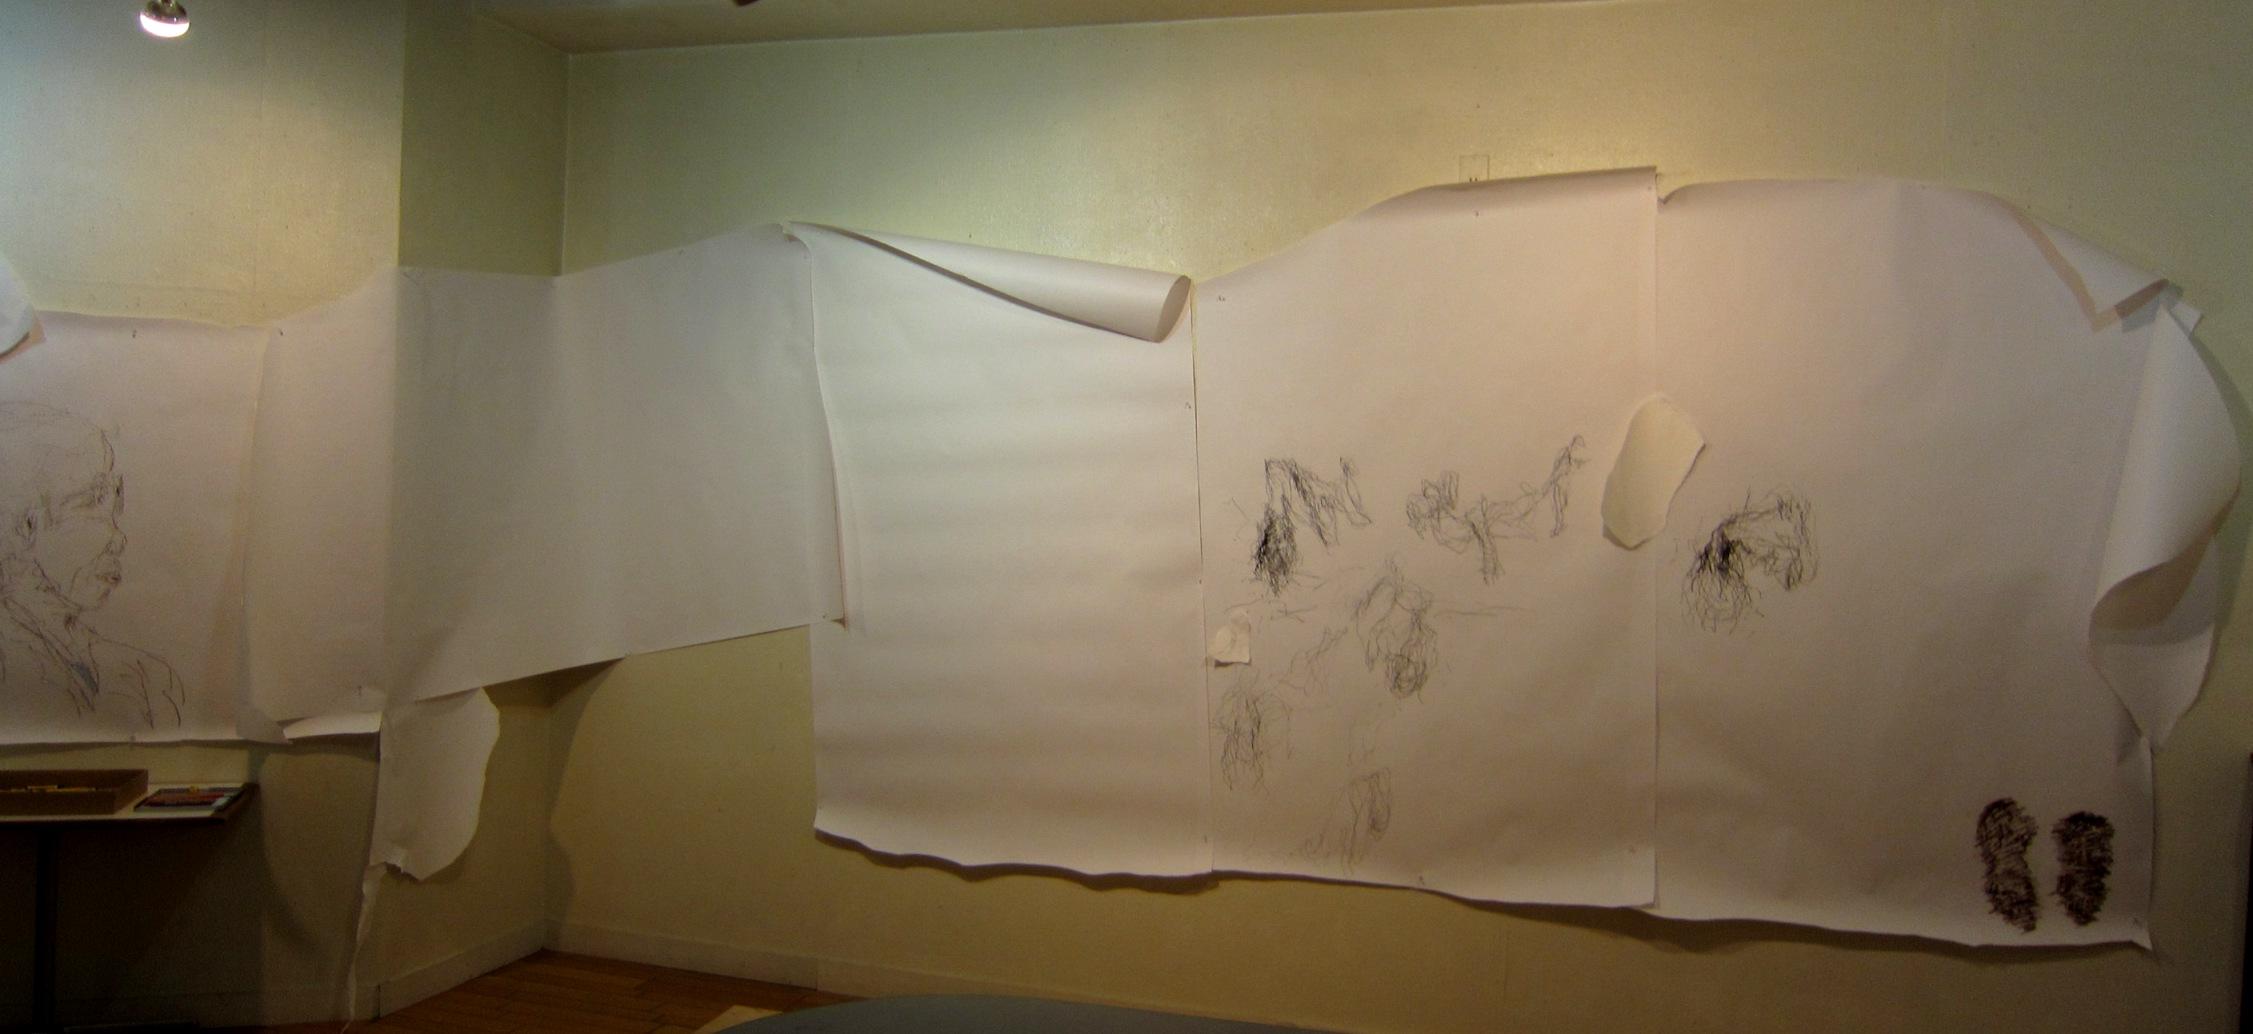 2196) 「ドローイング展 ~参加料無料!! 自由に描いて下さい!!」 たぴお 9月9日(月)~9月14日(土)_f0126829_23195188.jpg